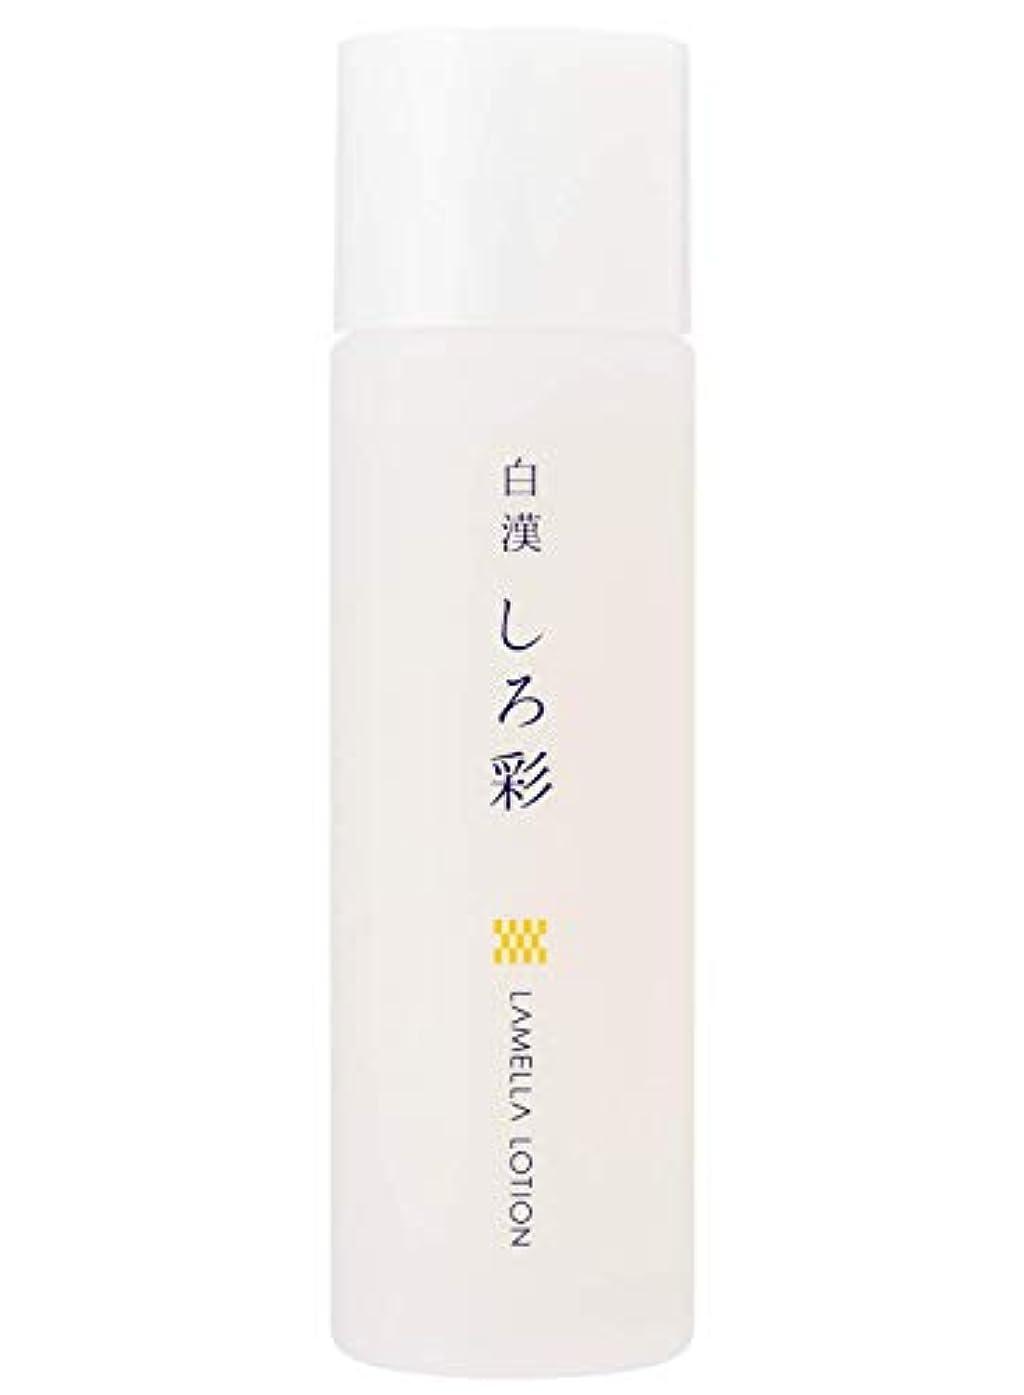 マートクール自発白漢 しろ彩 正規販売店 ラメラローション 化粧水